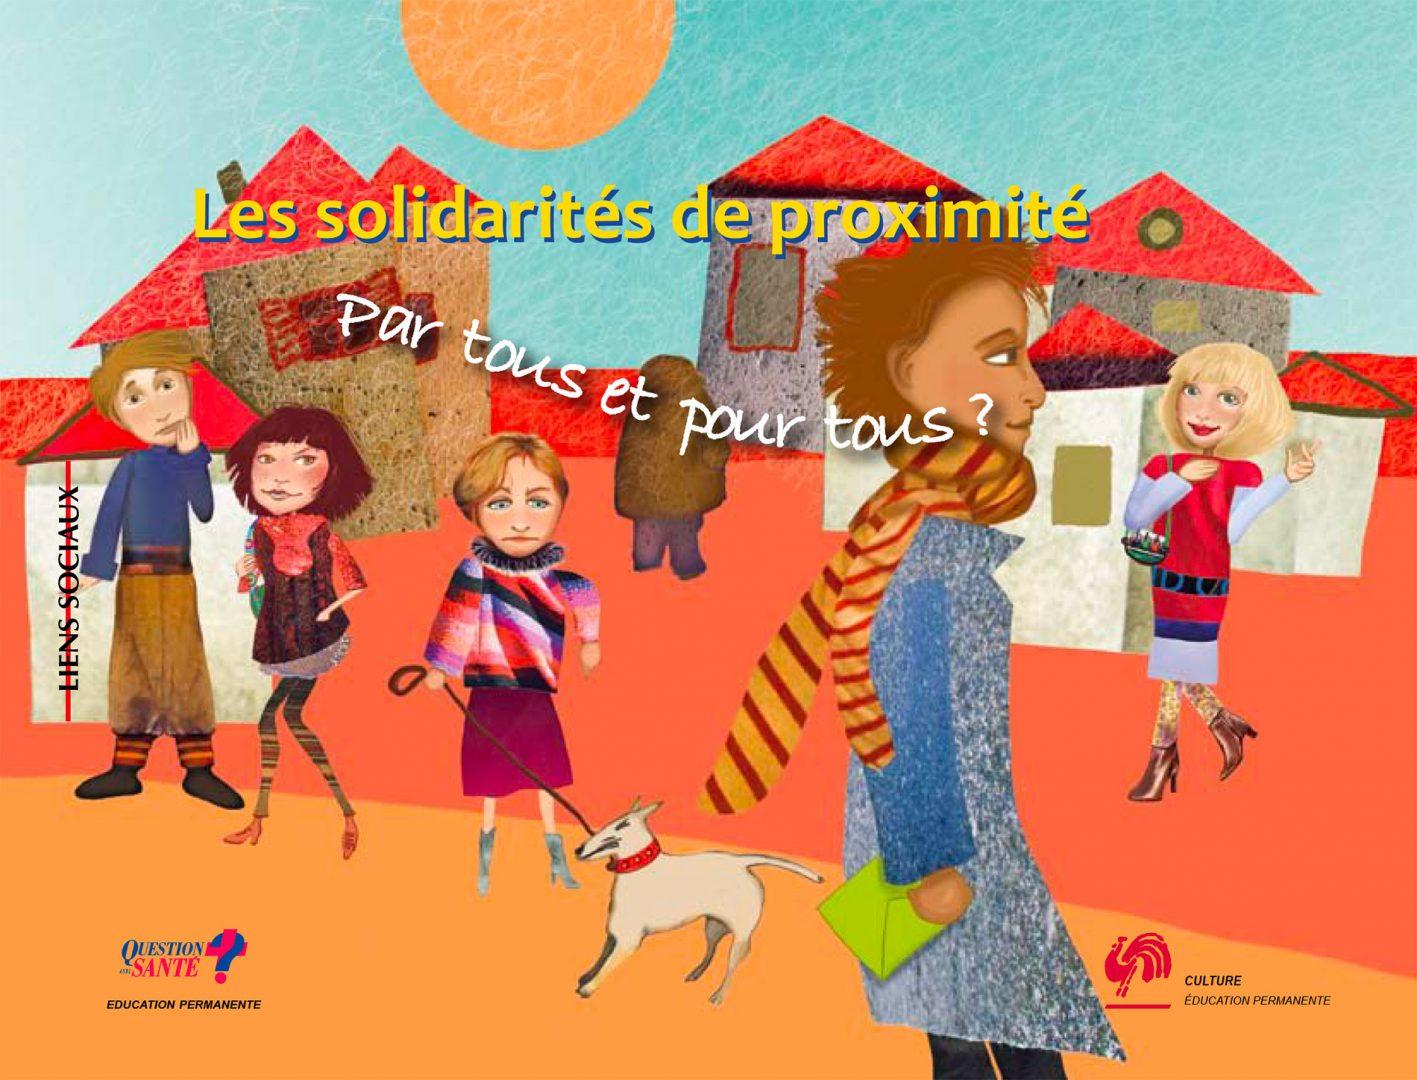 20090508 Img Solidariteproximite Bd Vf